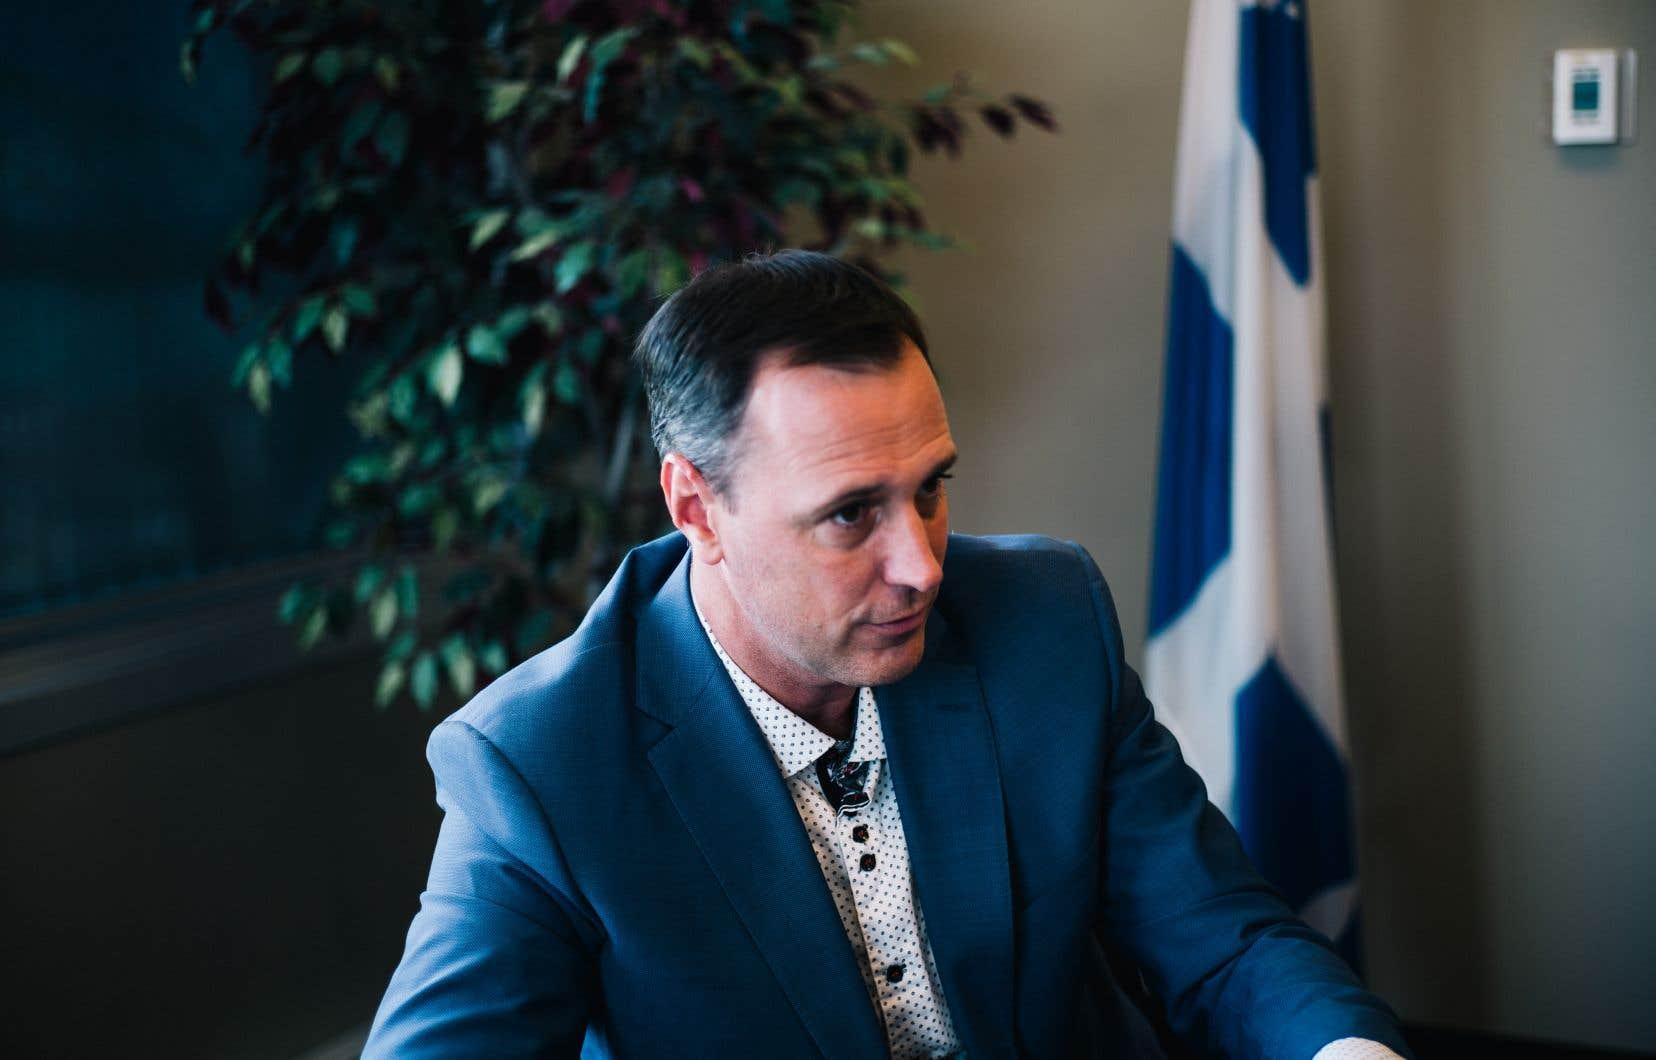 II est «très, très, très peu probable» que l'ensemble du réseau scolaire soit confiné en cas de deuxième vague de contamination, a fait valoir le ministre de l'Éducation, Jean-François Roberge, en entrevue avec «Le Devoir» mardi.